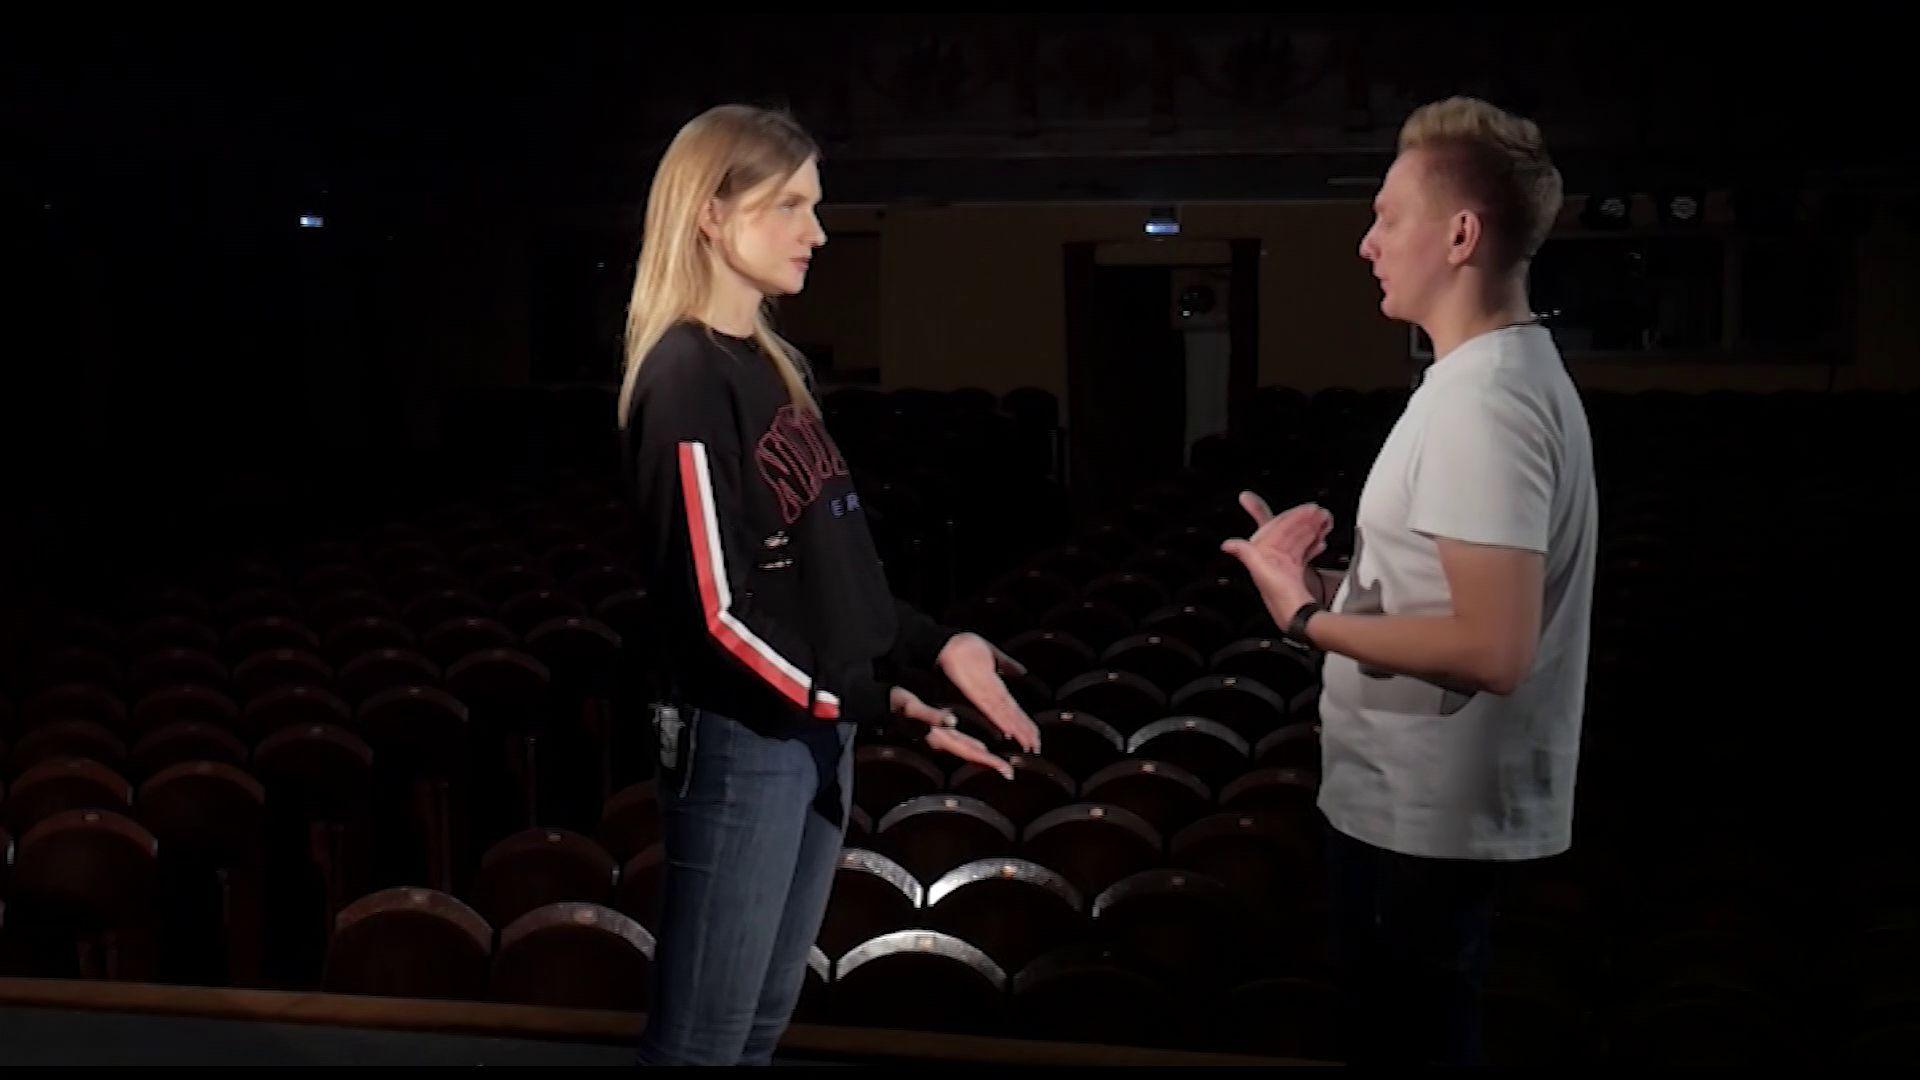 Утреннее шоу «Овсянка» от 7.11.19: подробный мастер-класс по актерскому мастерству